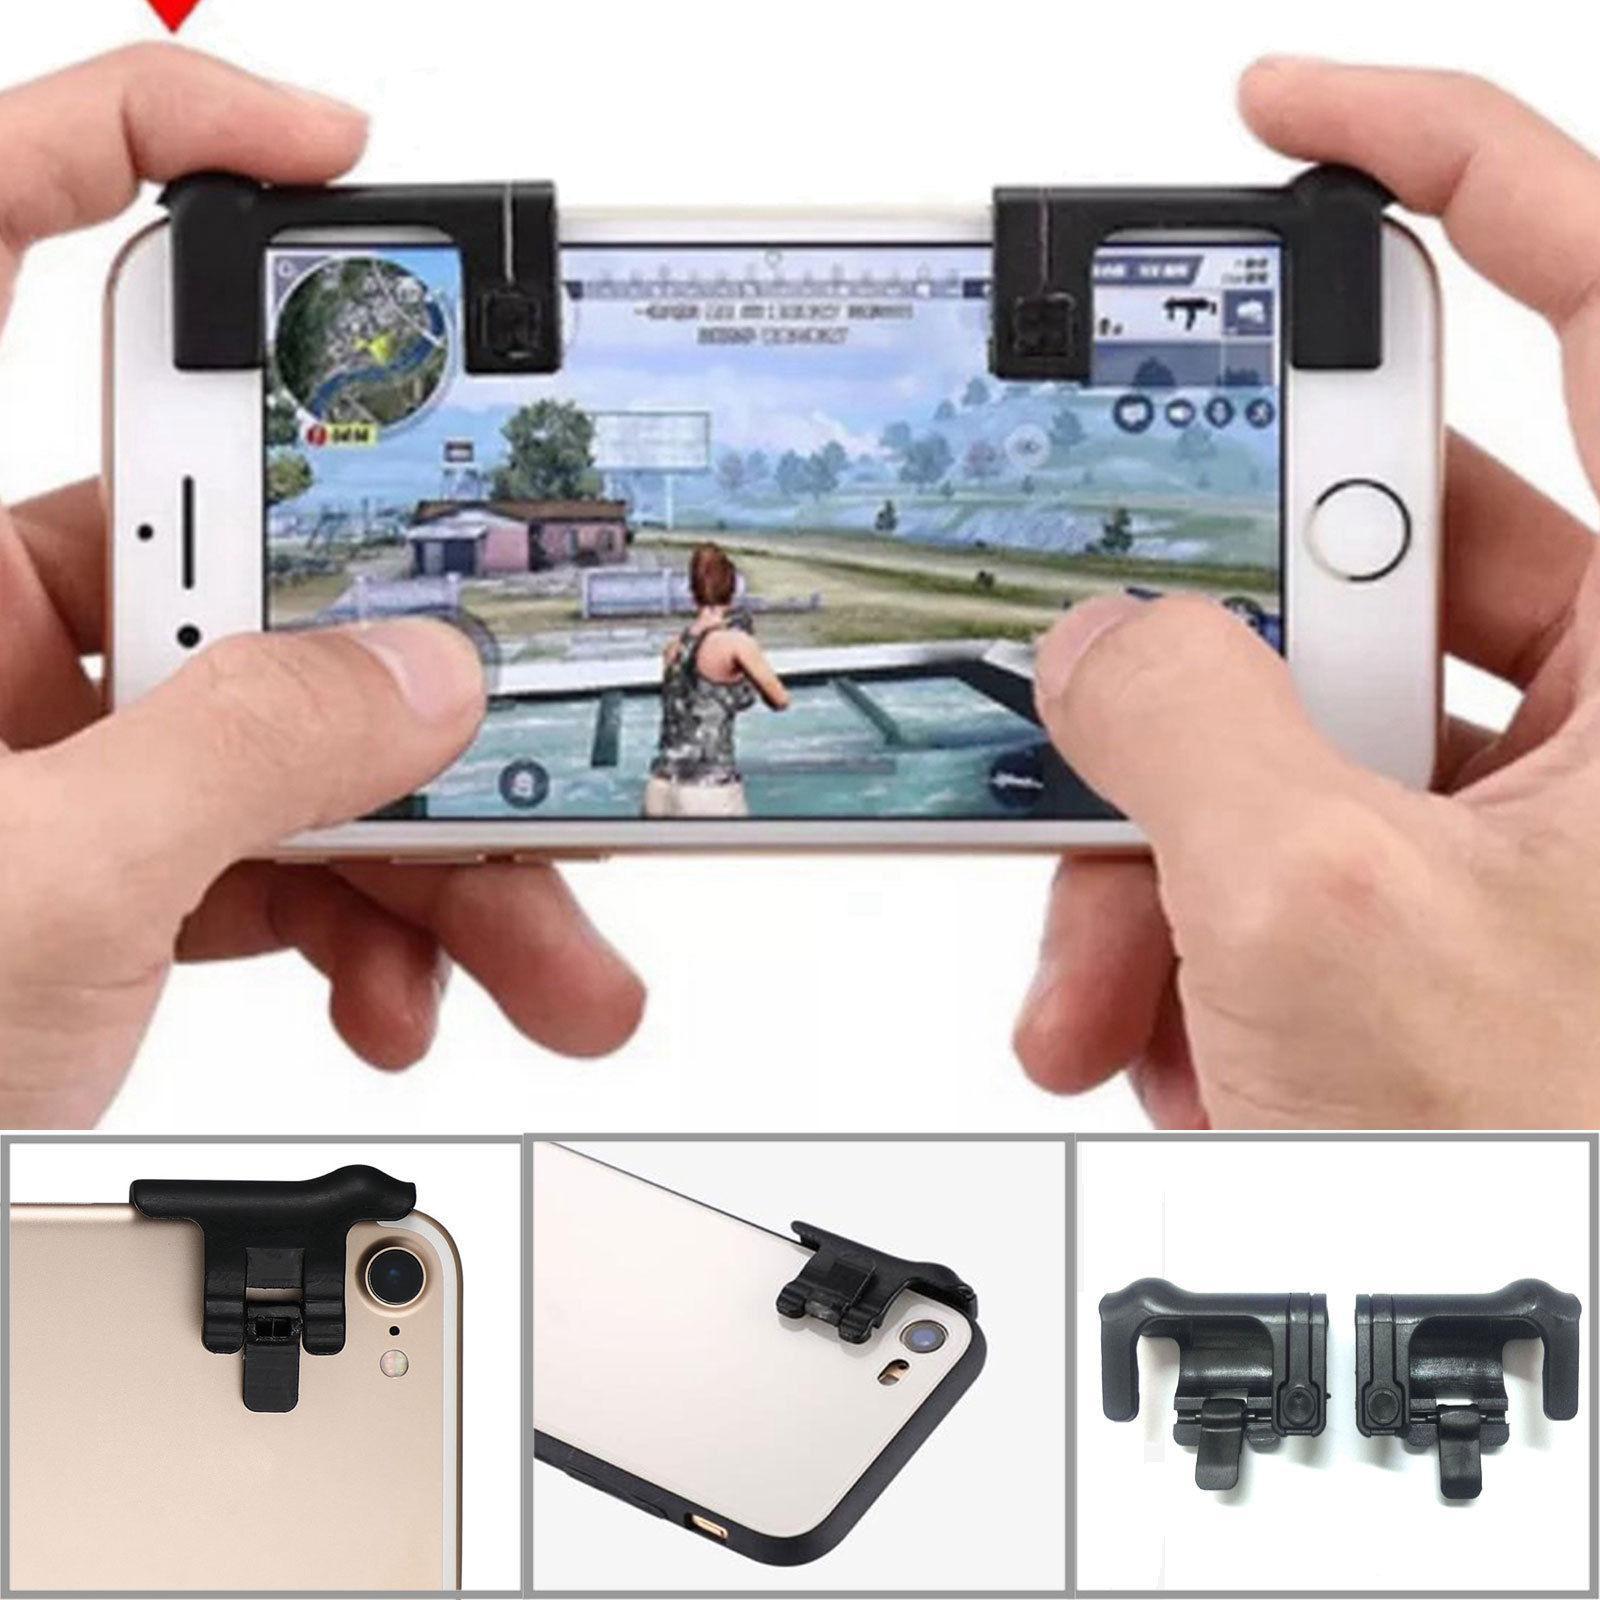 Nút phụ cho điện thoại L1R1 hỗ trợ chơi game PUBG Rules of Survival mobile